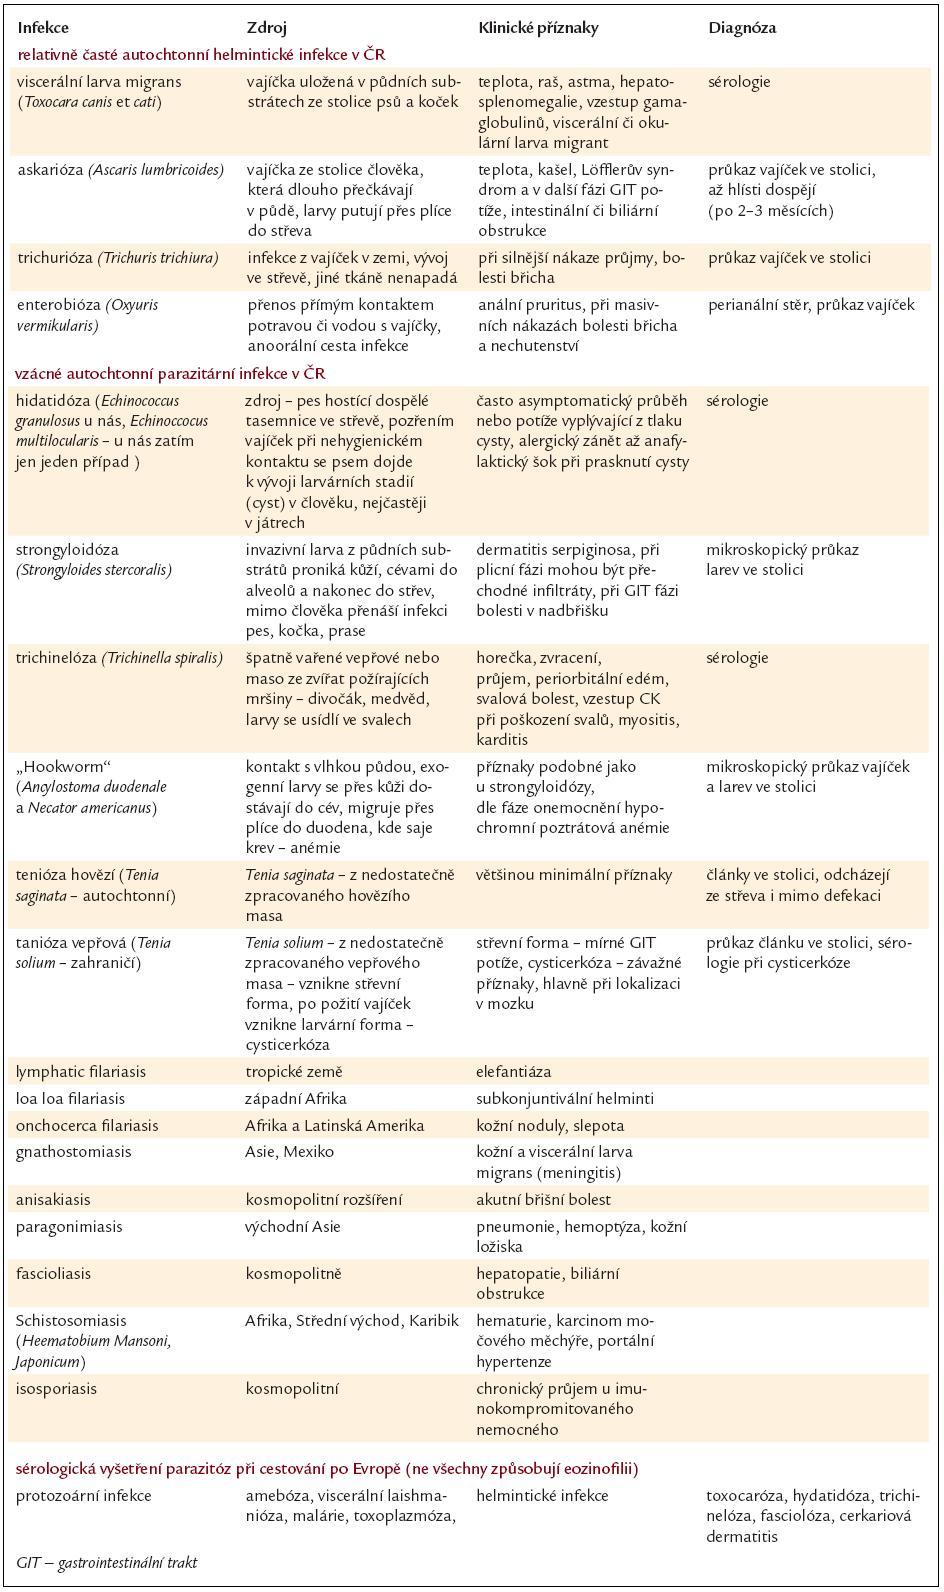 Vybrané vlastnosti častých a méně častých a utochtonních (domácích) helmintických infekcí.